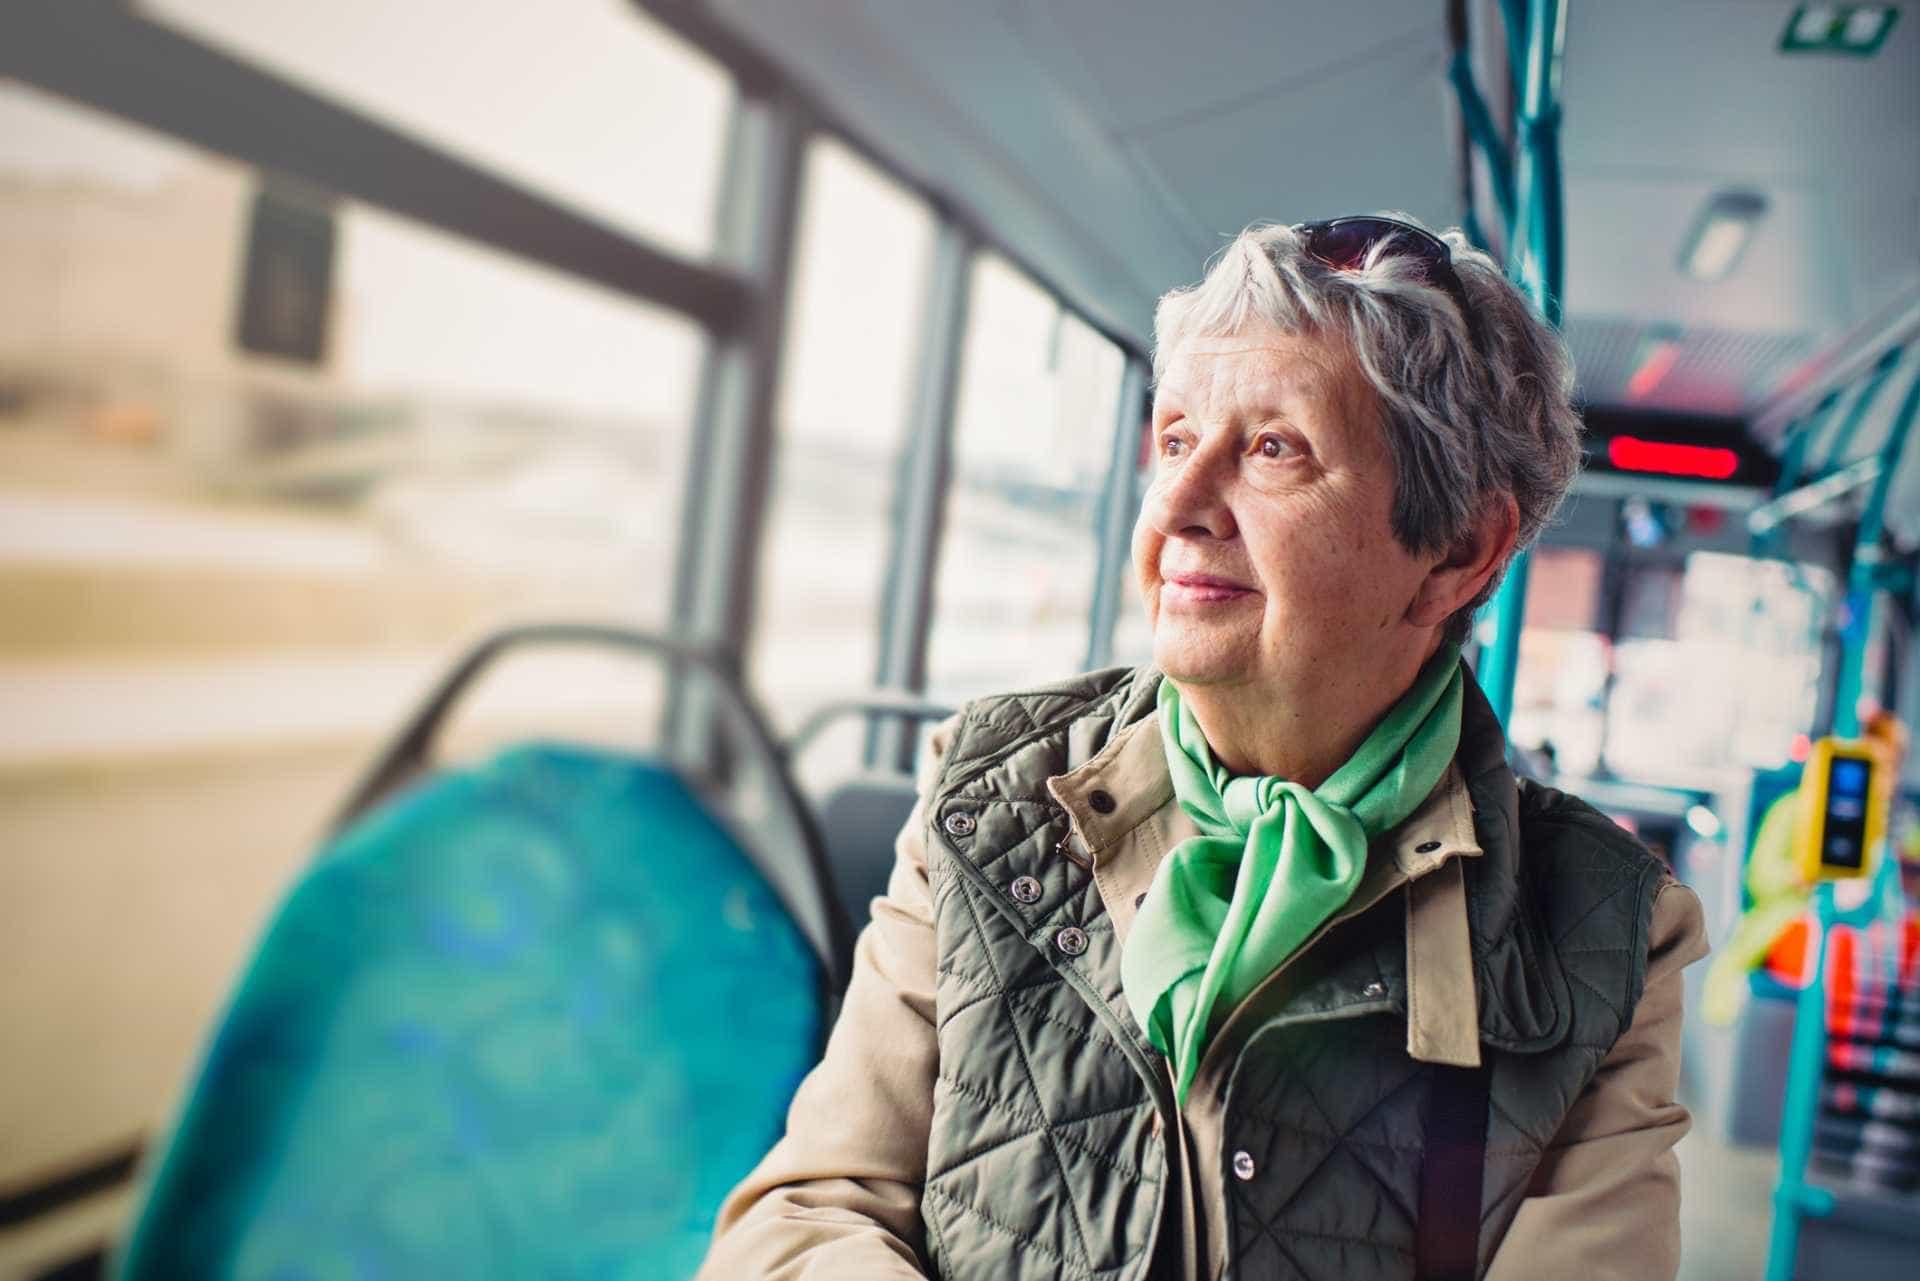 Envelhecimento intergeracional: um diálogo necessário